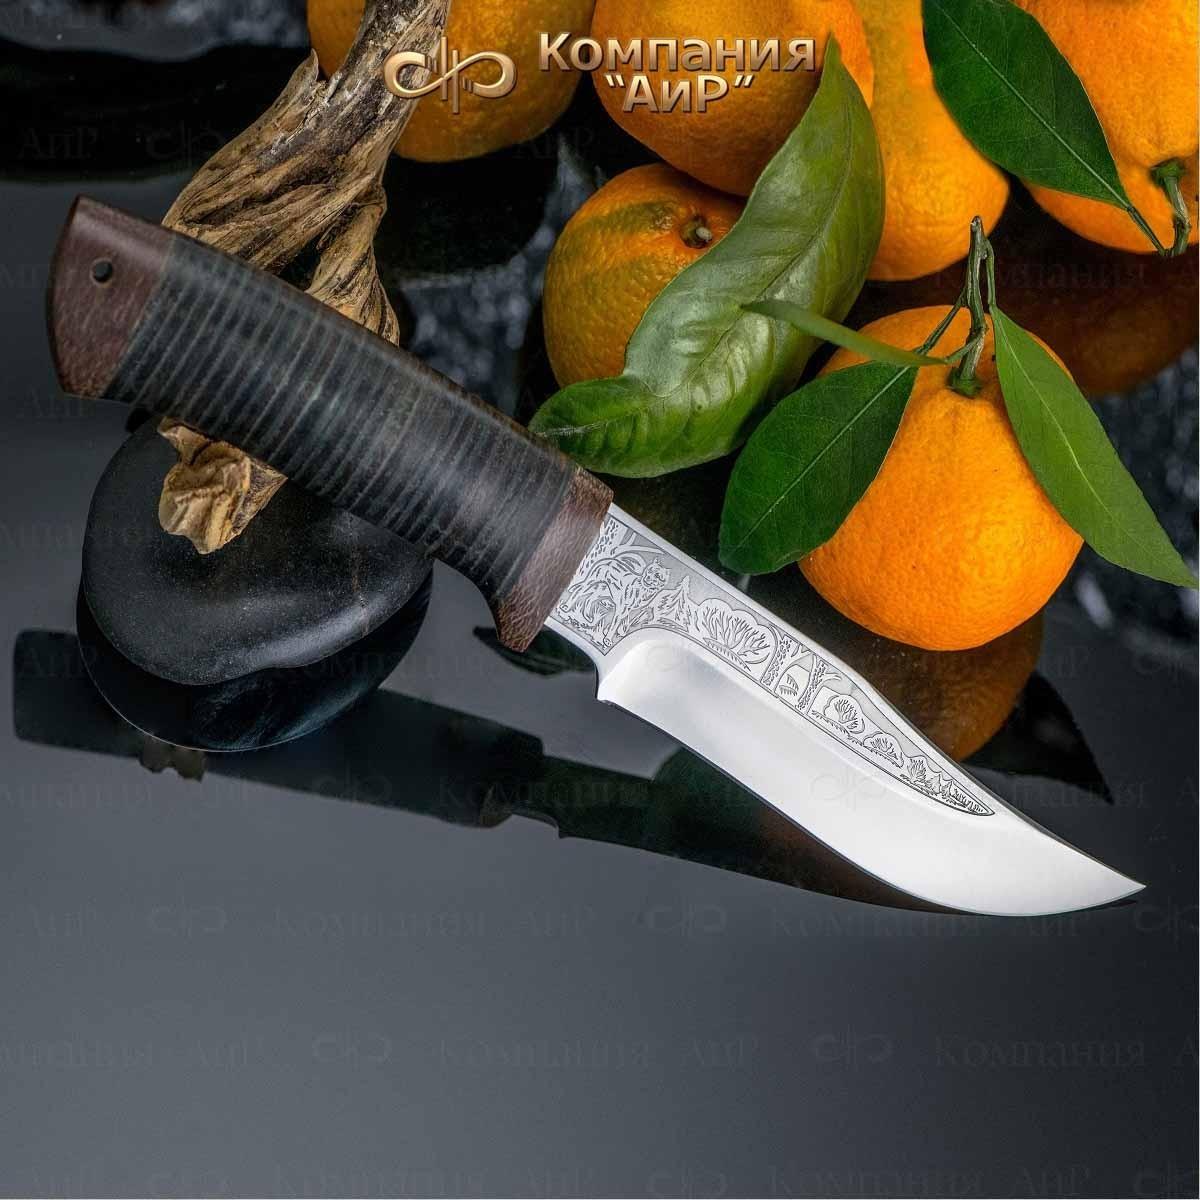 Нож АиР Клычок-1, сталь К-340, рукоять кожа